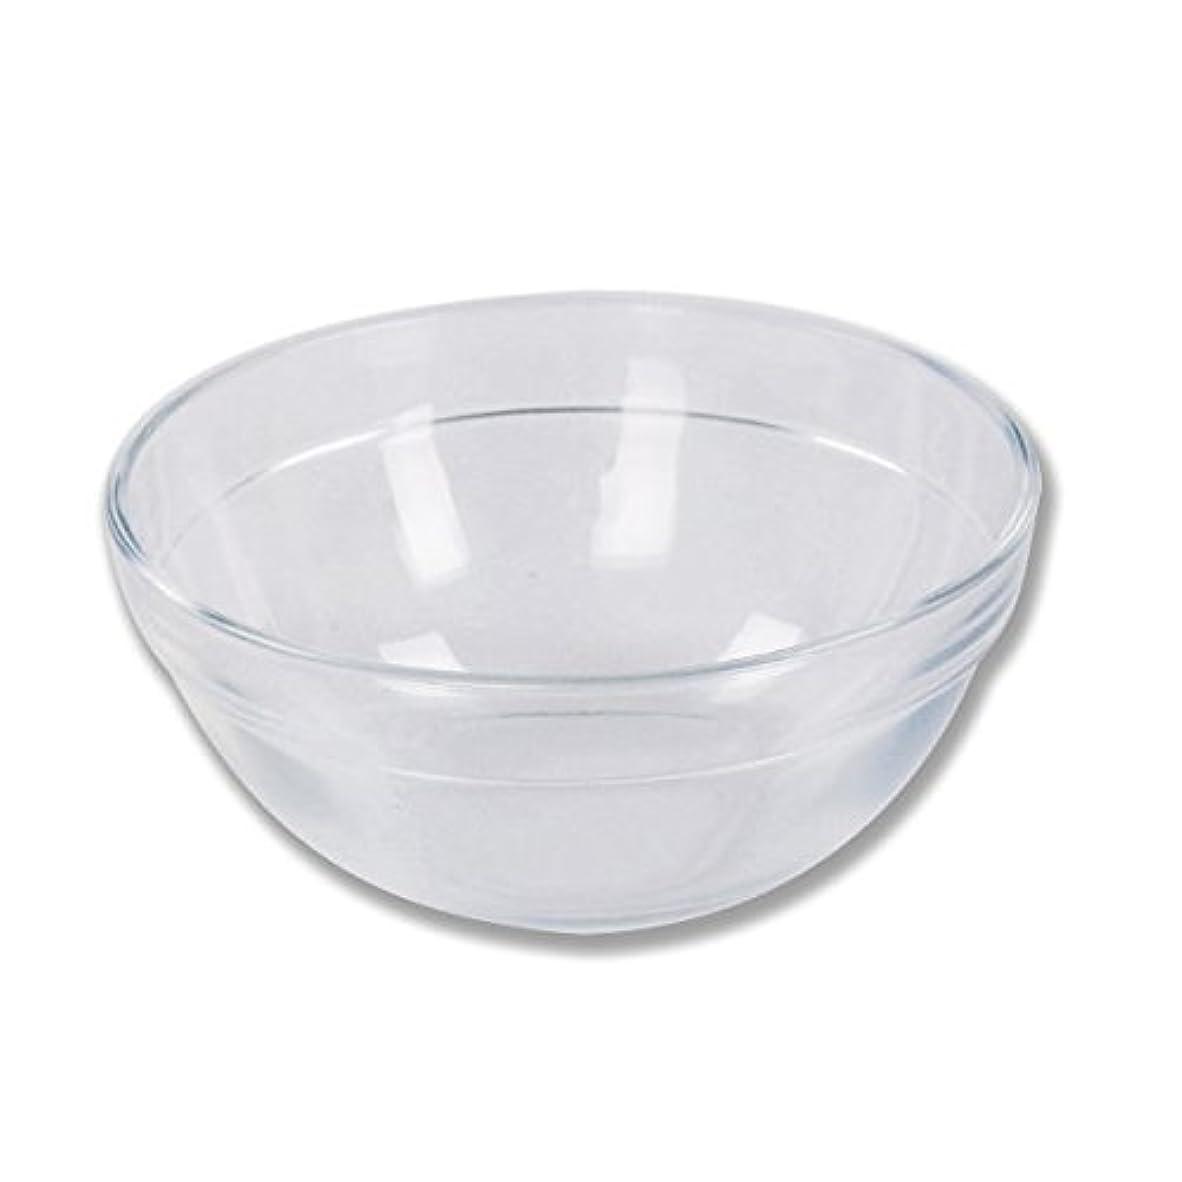 キネマティクス可動式ベギンガラスボウル (SSサイズ) [ ガラスボール カップボウル カップボール エステ サロン ガラス ボウル カップ 高級感 ]